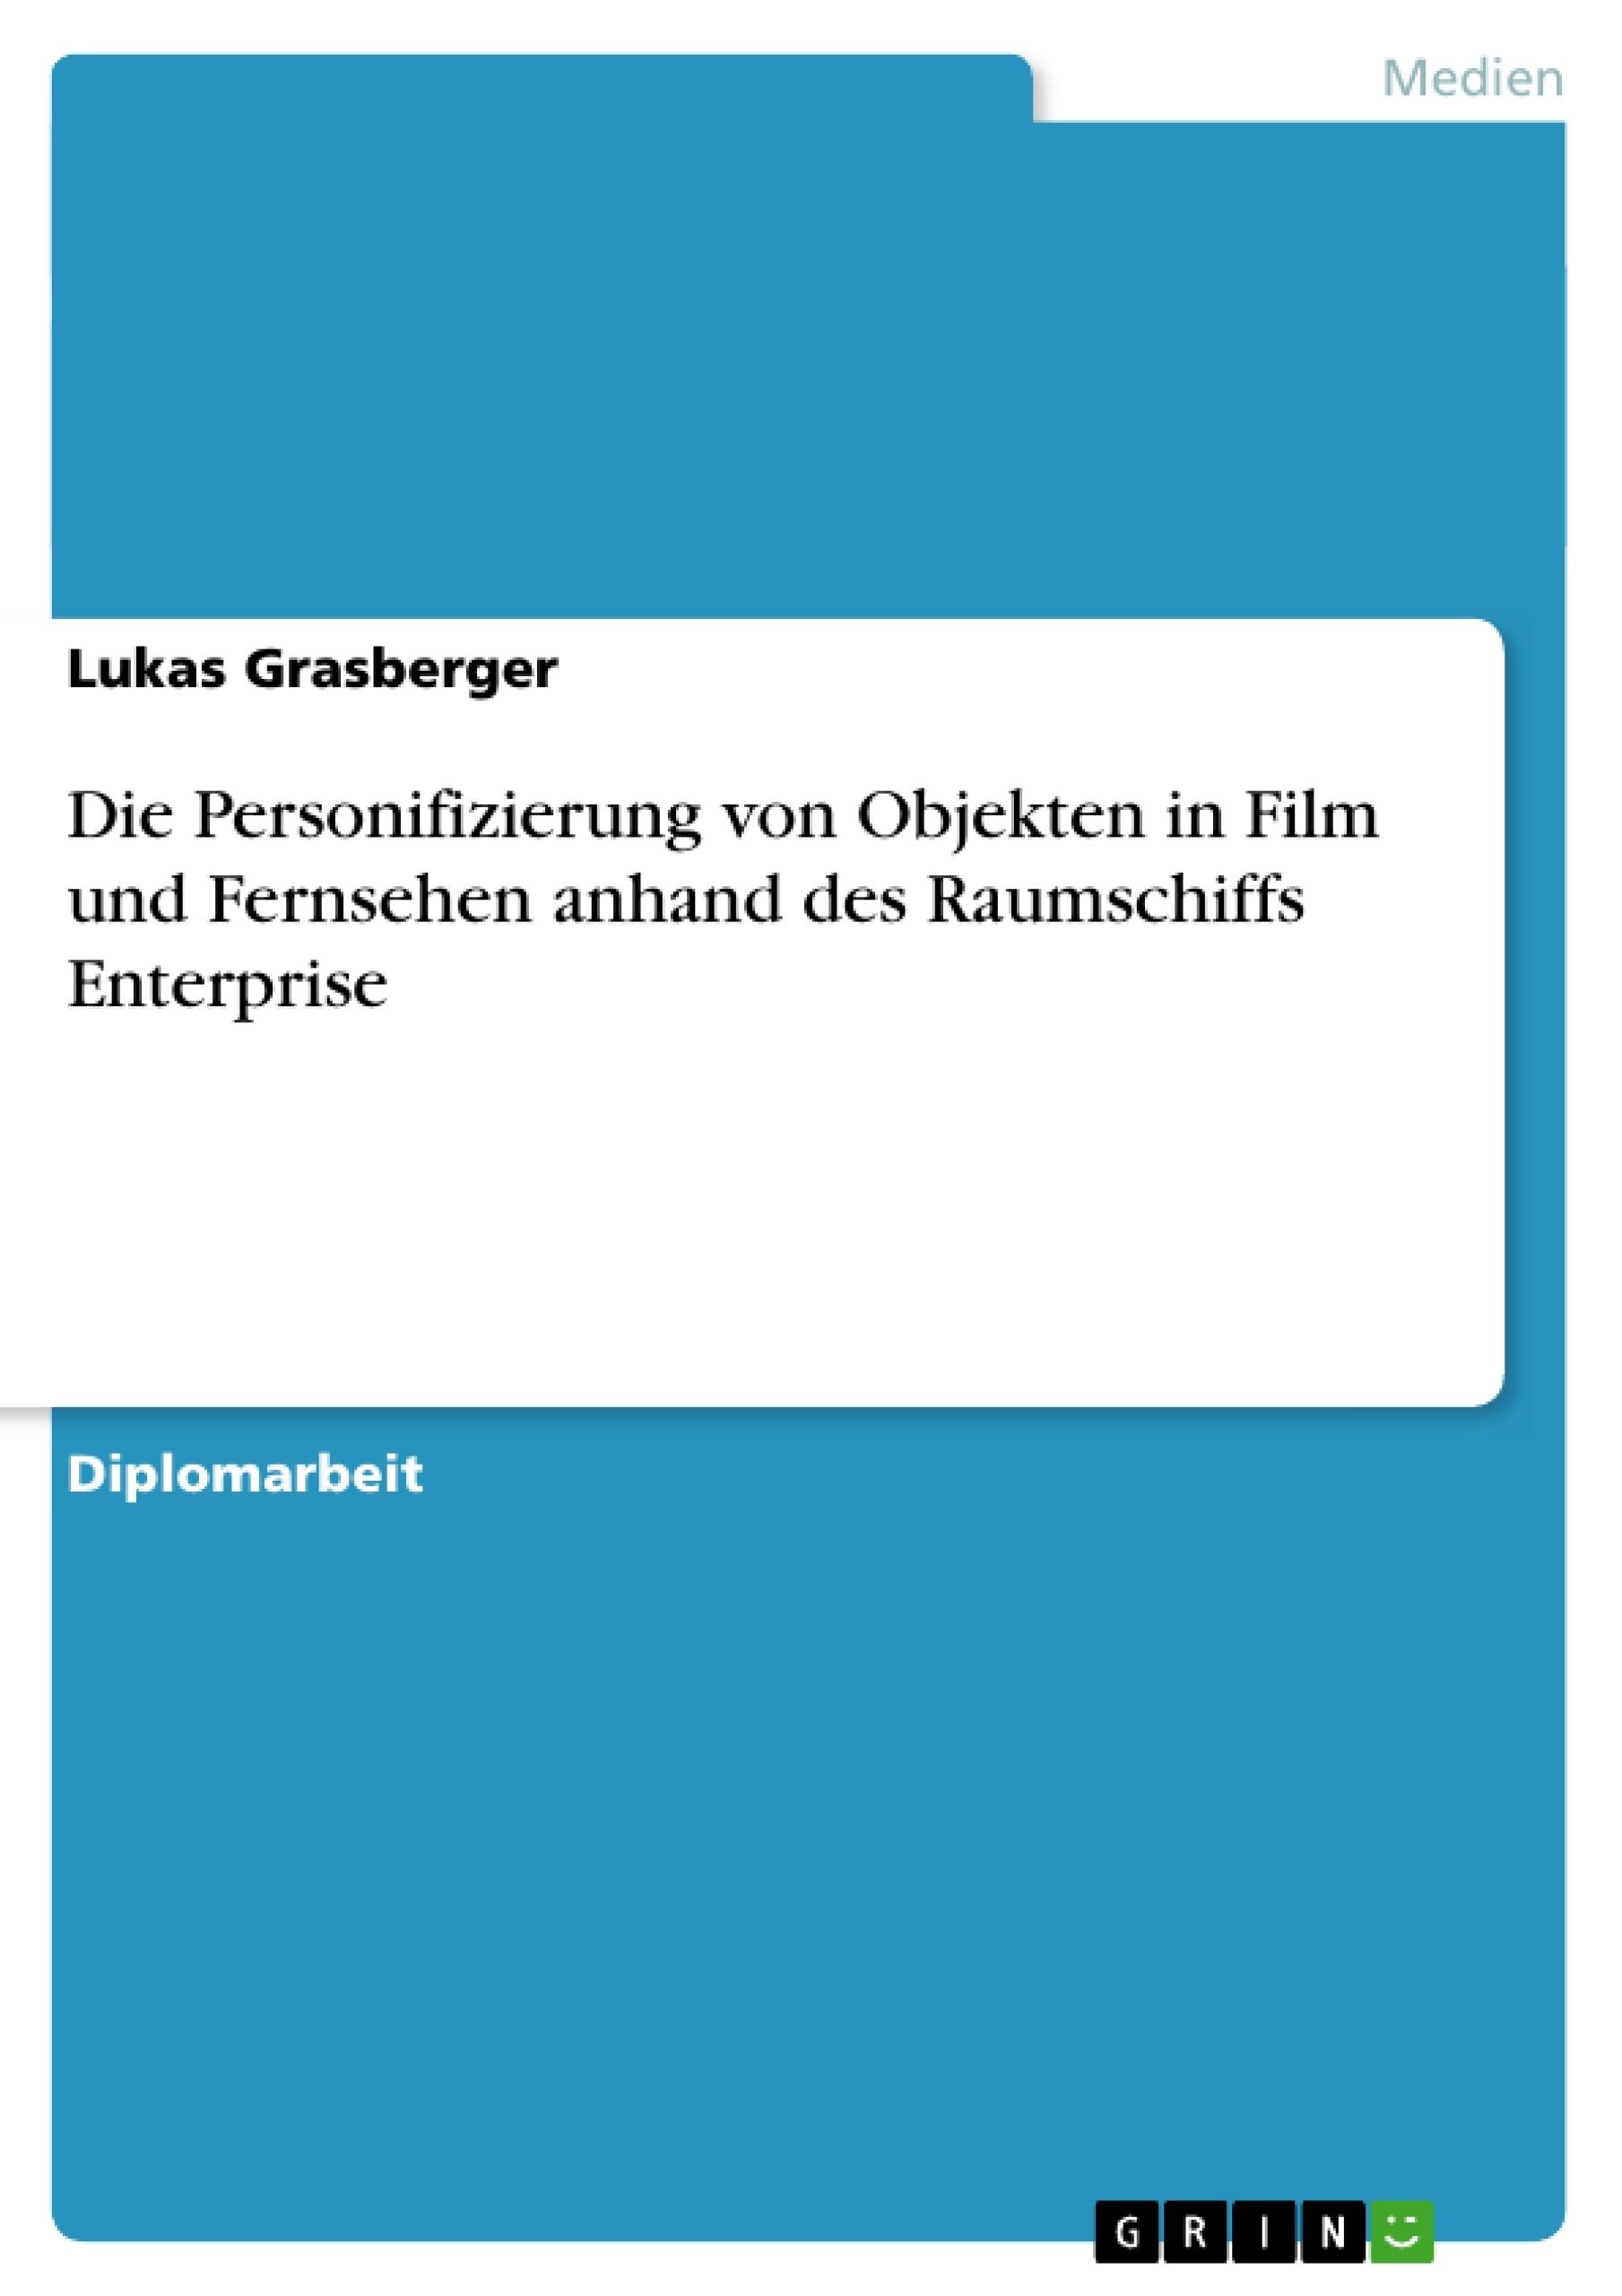 Titel: Die Personifizierung von Objekten in Film und Fernsehen anhand des Raumschiffs Enterprise